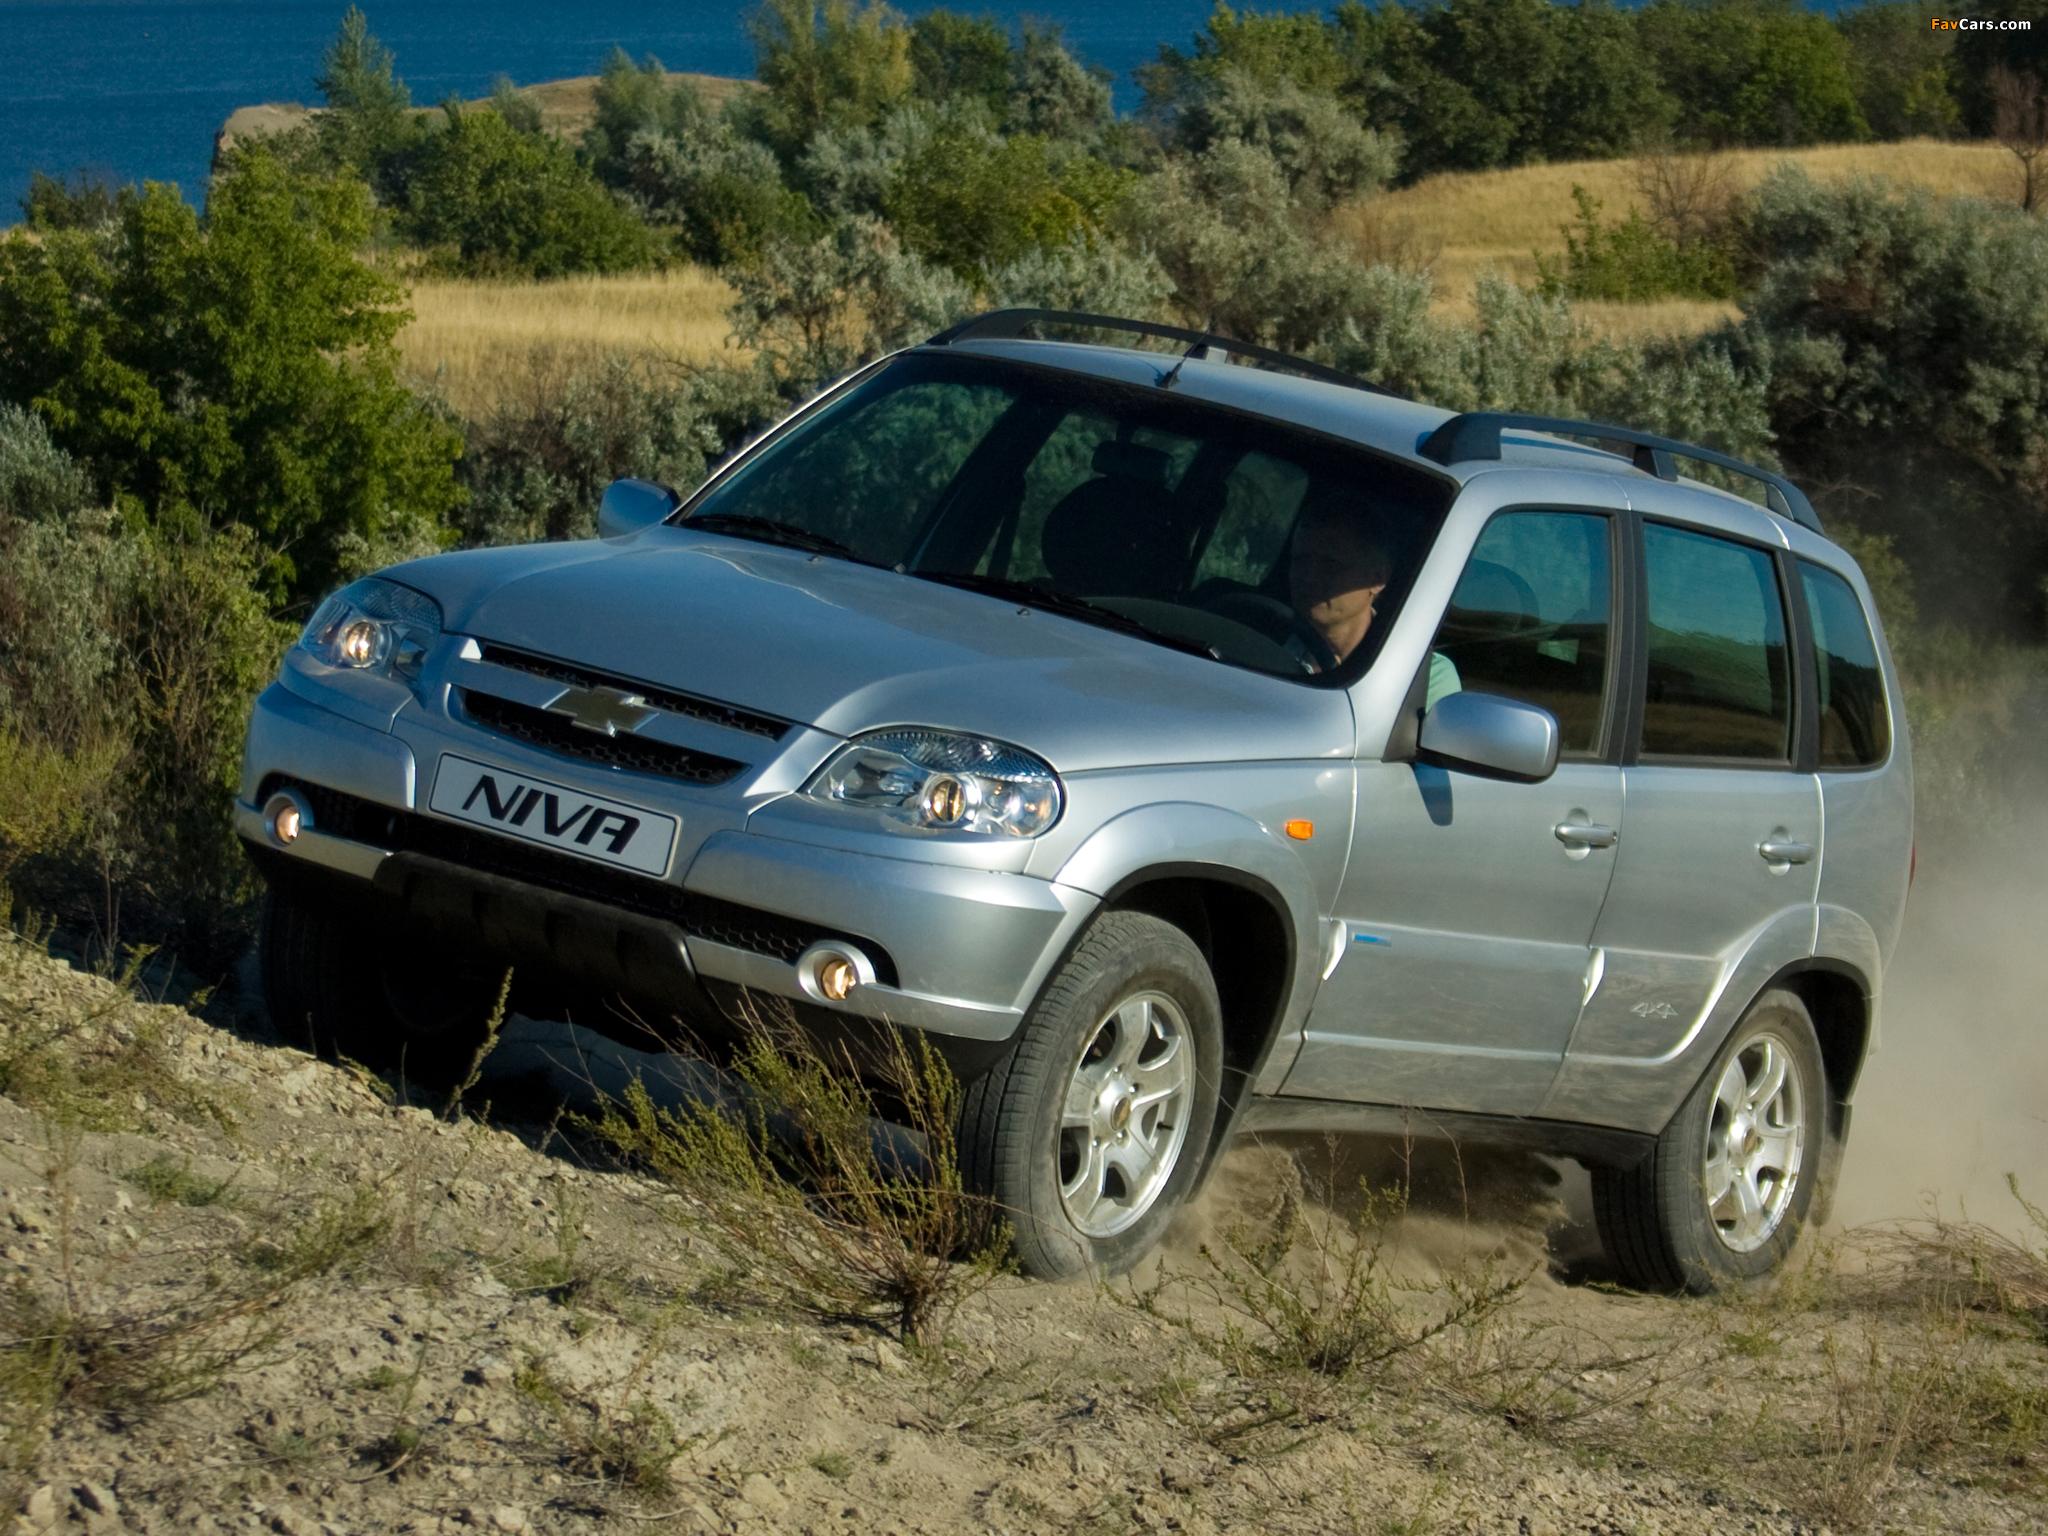 Chevrolet Niva 2009 pictures (2048 x 1536)